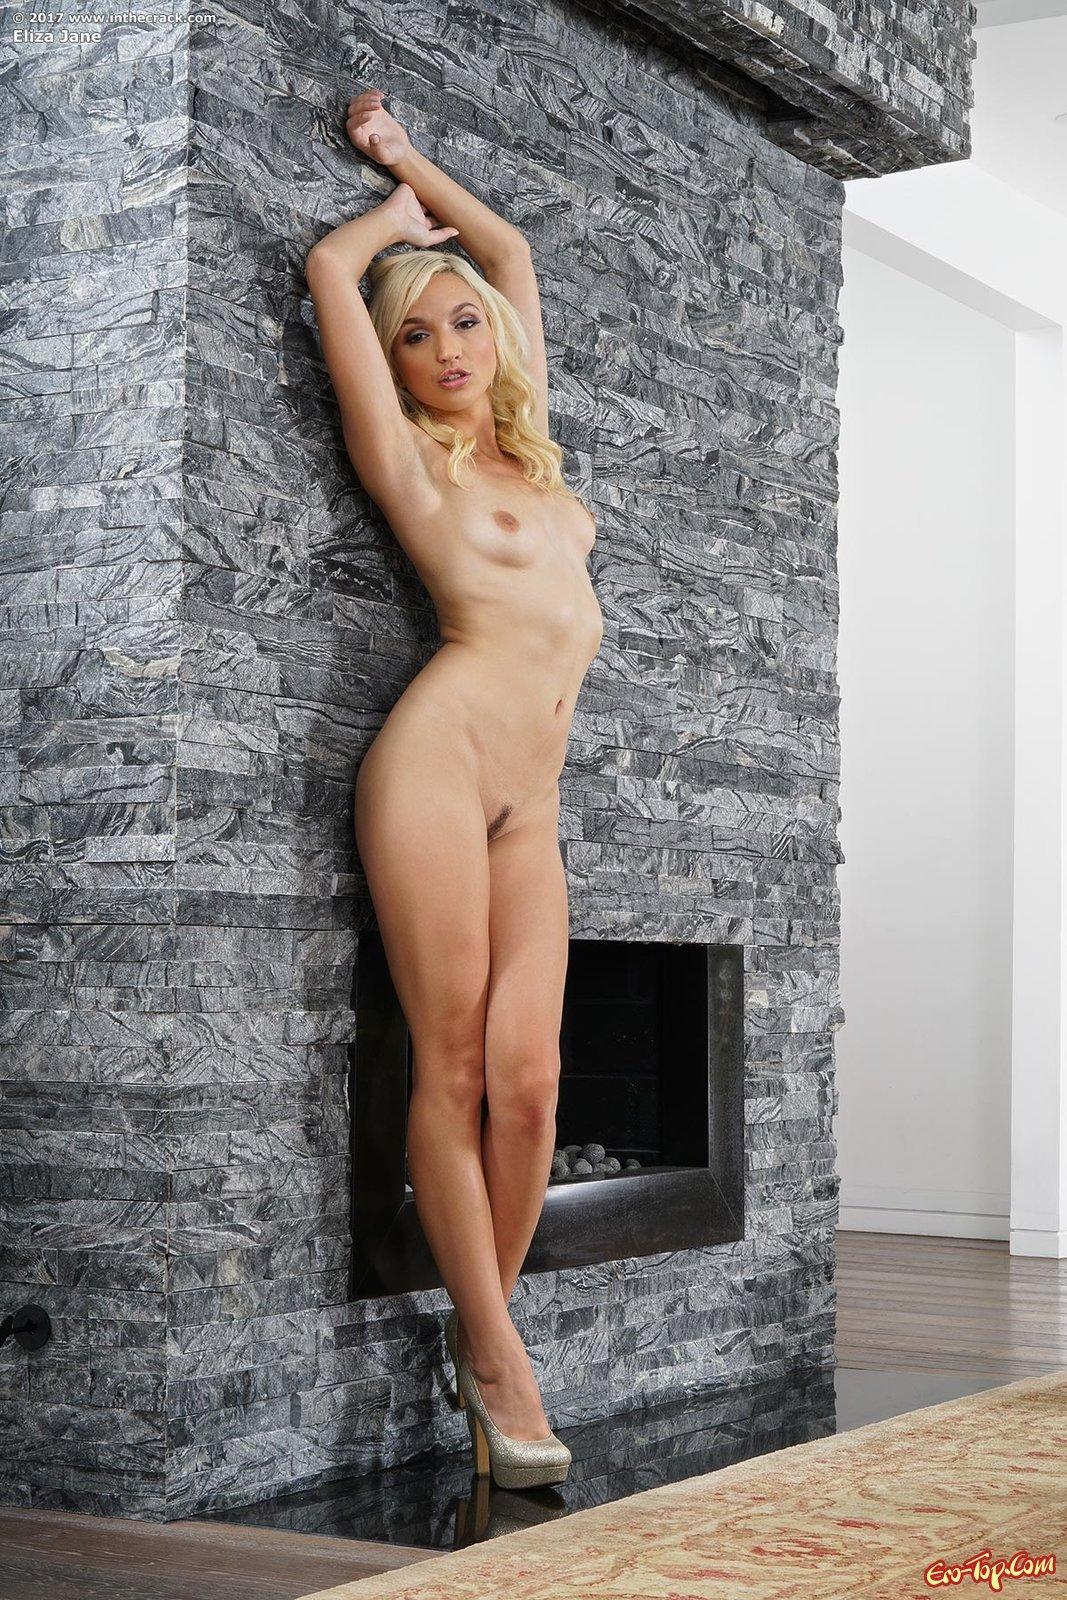 Блондинка раздвигает ножки светя сексапильной вагиной